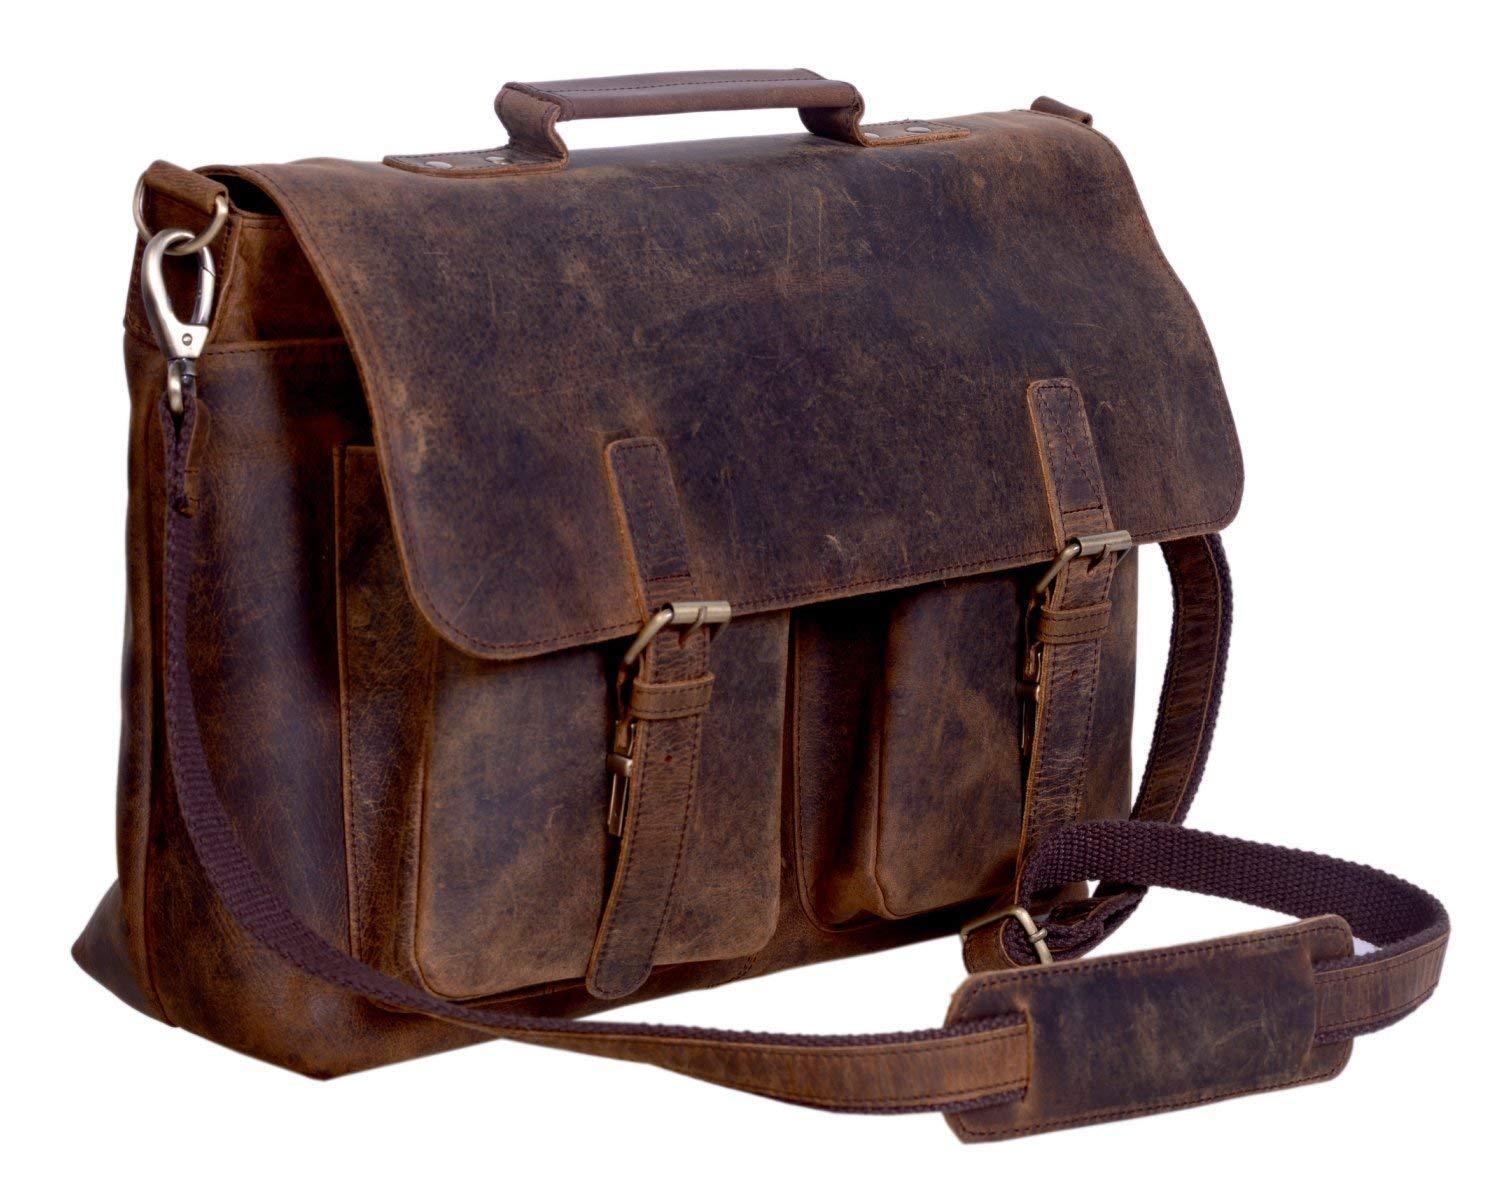 Aktentasche fürs Büro im Retro-Look von KomalC, 38,1cm, Büffelleder, Laptoptasche, Kuriertasche, College-Tasche 1cm Büffelleder 4328541651